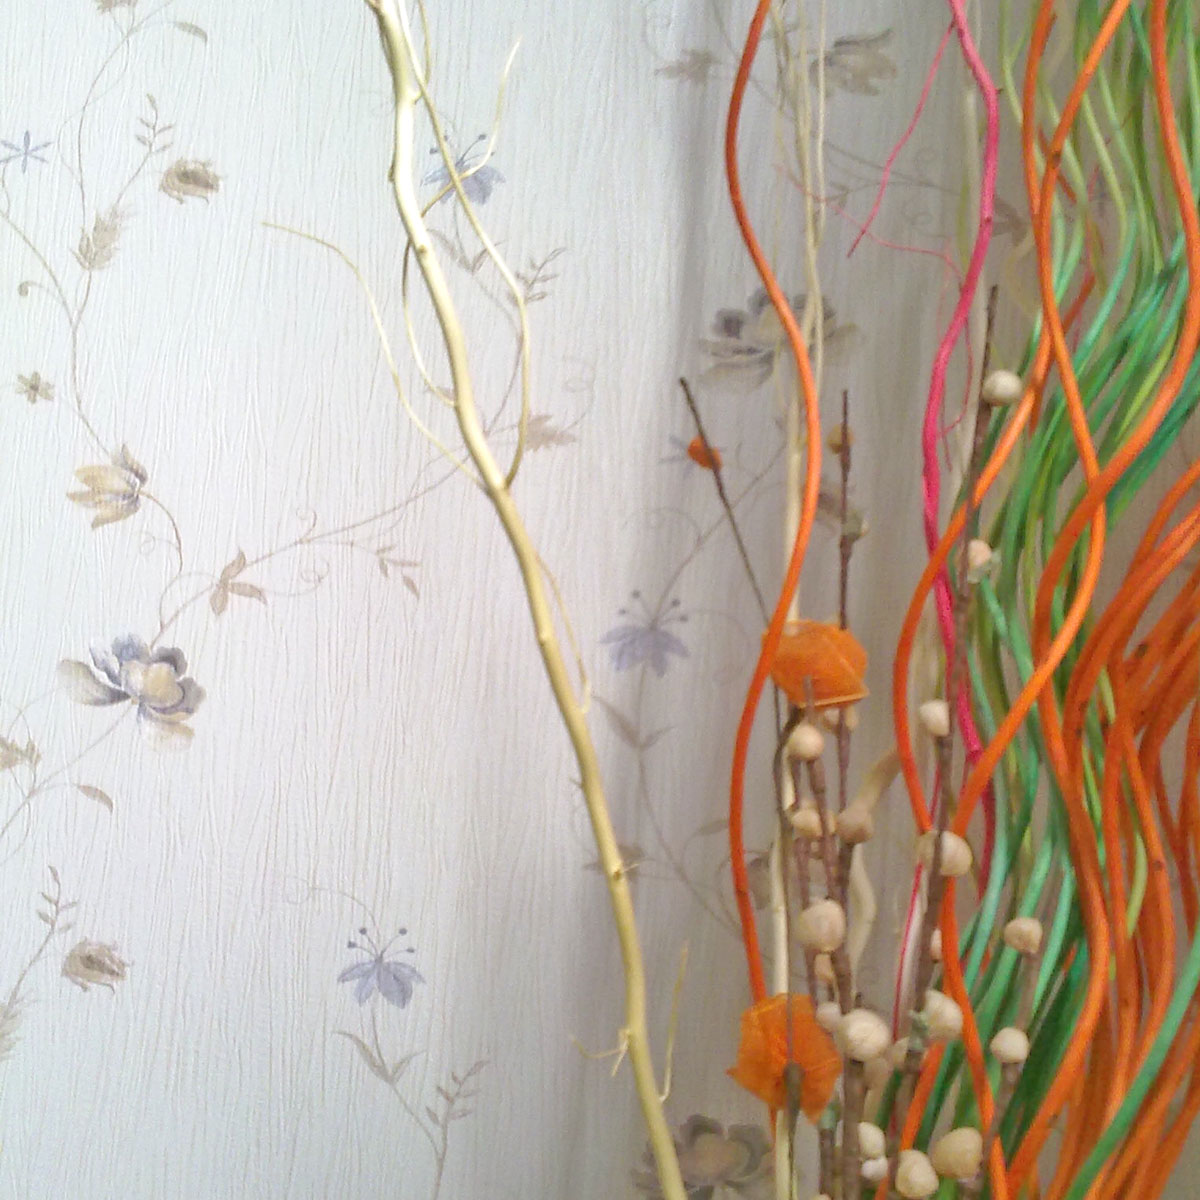 意大利风格墙纸 藤蔓花朵 卧室墙纸 欧式田园壁纸图片